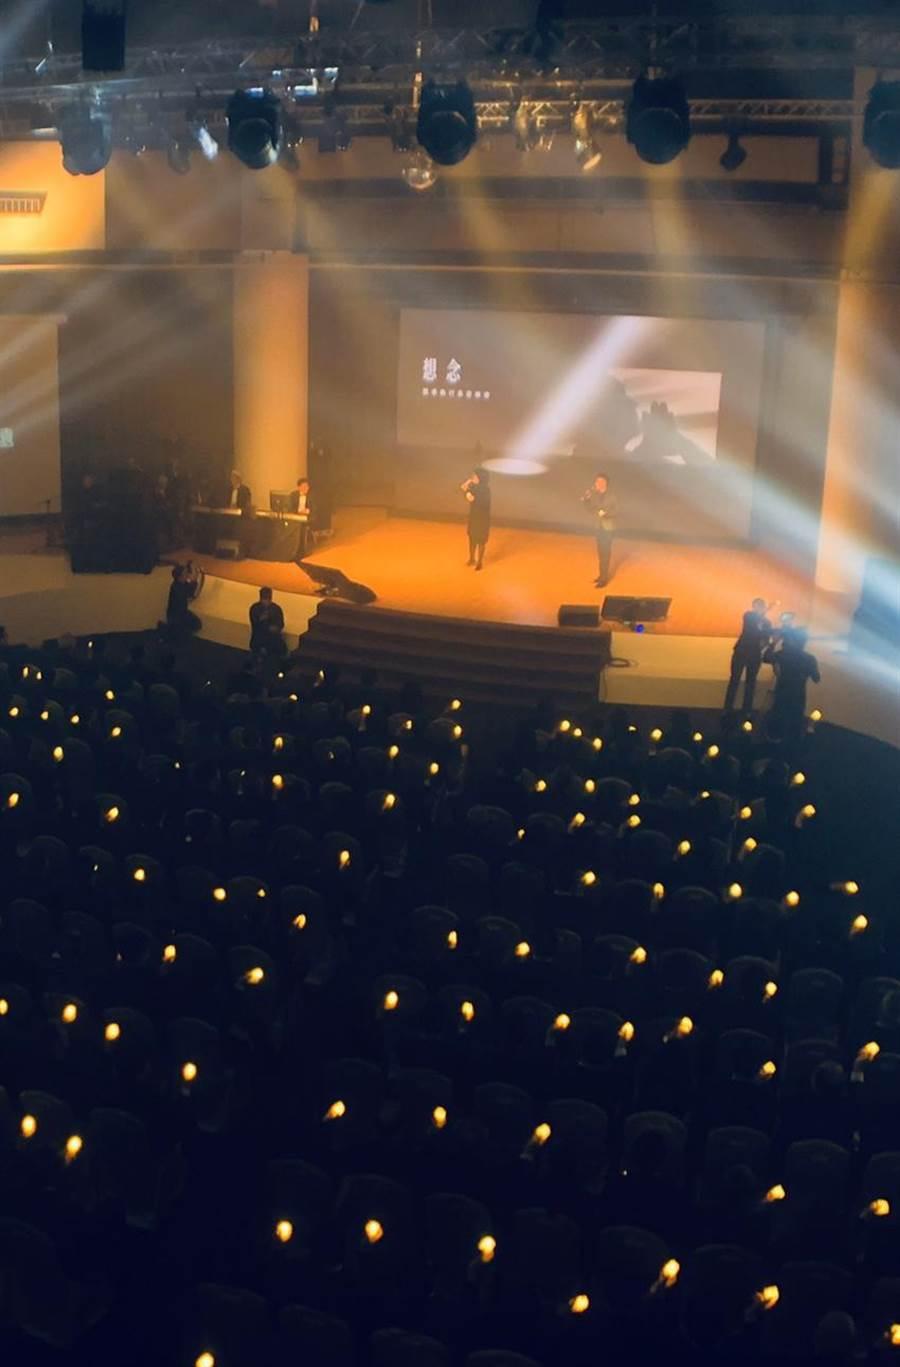 (裕隆集團前執行長嚴凱泰逝世周年,裕隆集團內部舉辦懷念音樂會追思。圖/業者提供)